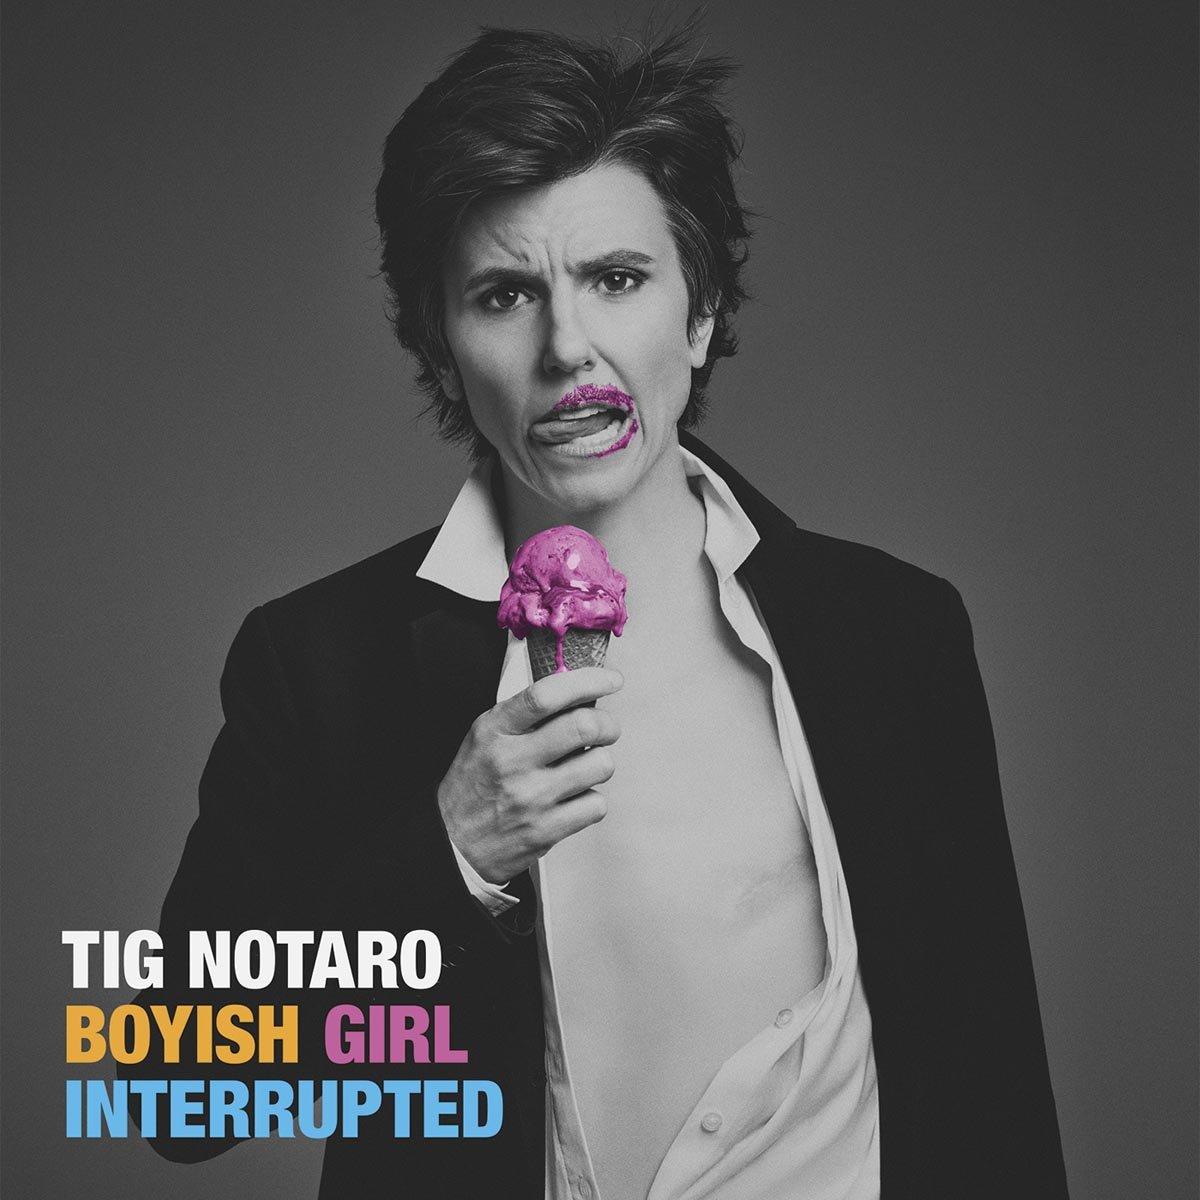 CD : Tig Notaro - Boyish Girl Interrupted (CD)